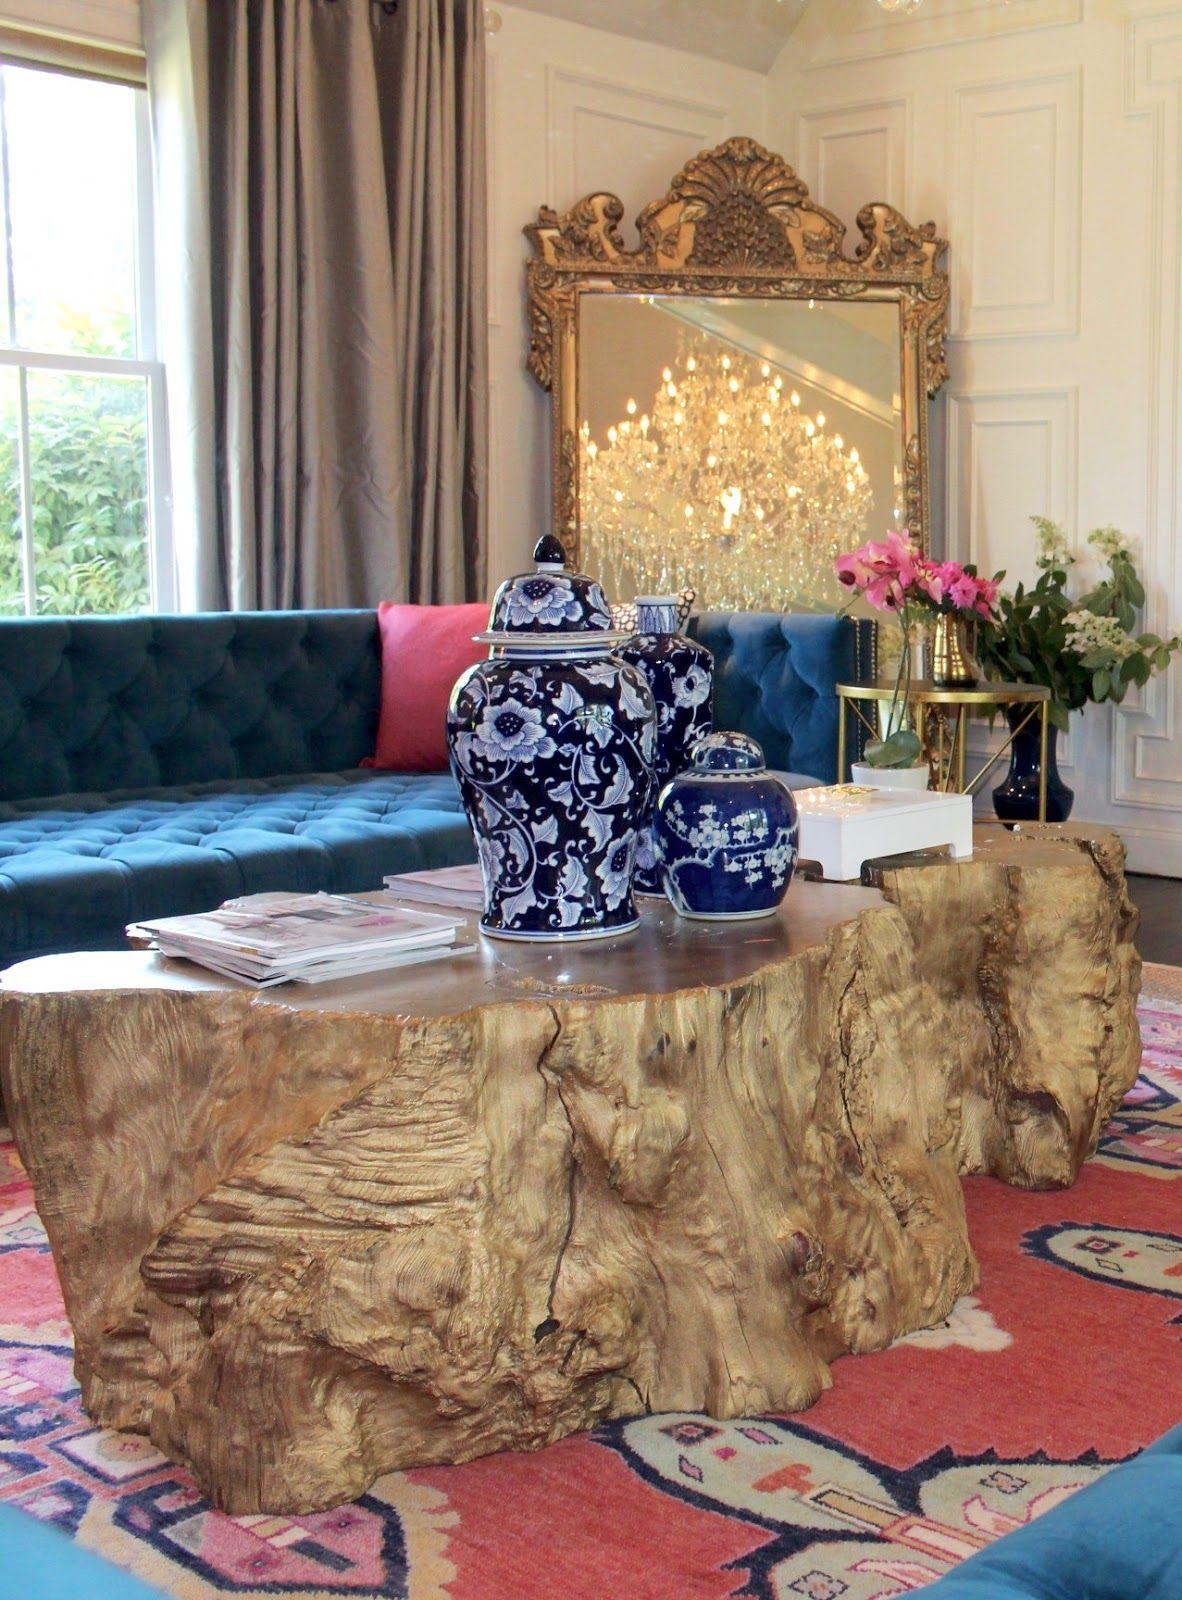 Tree Design Wallpaper Living Room: Chinoiserie Chic, Modern Blue